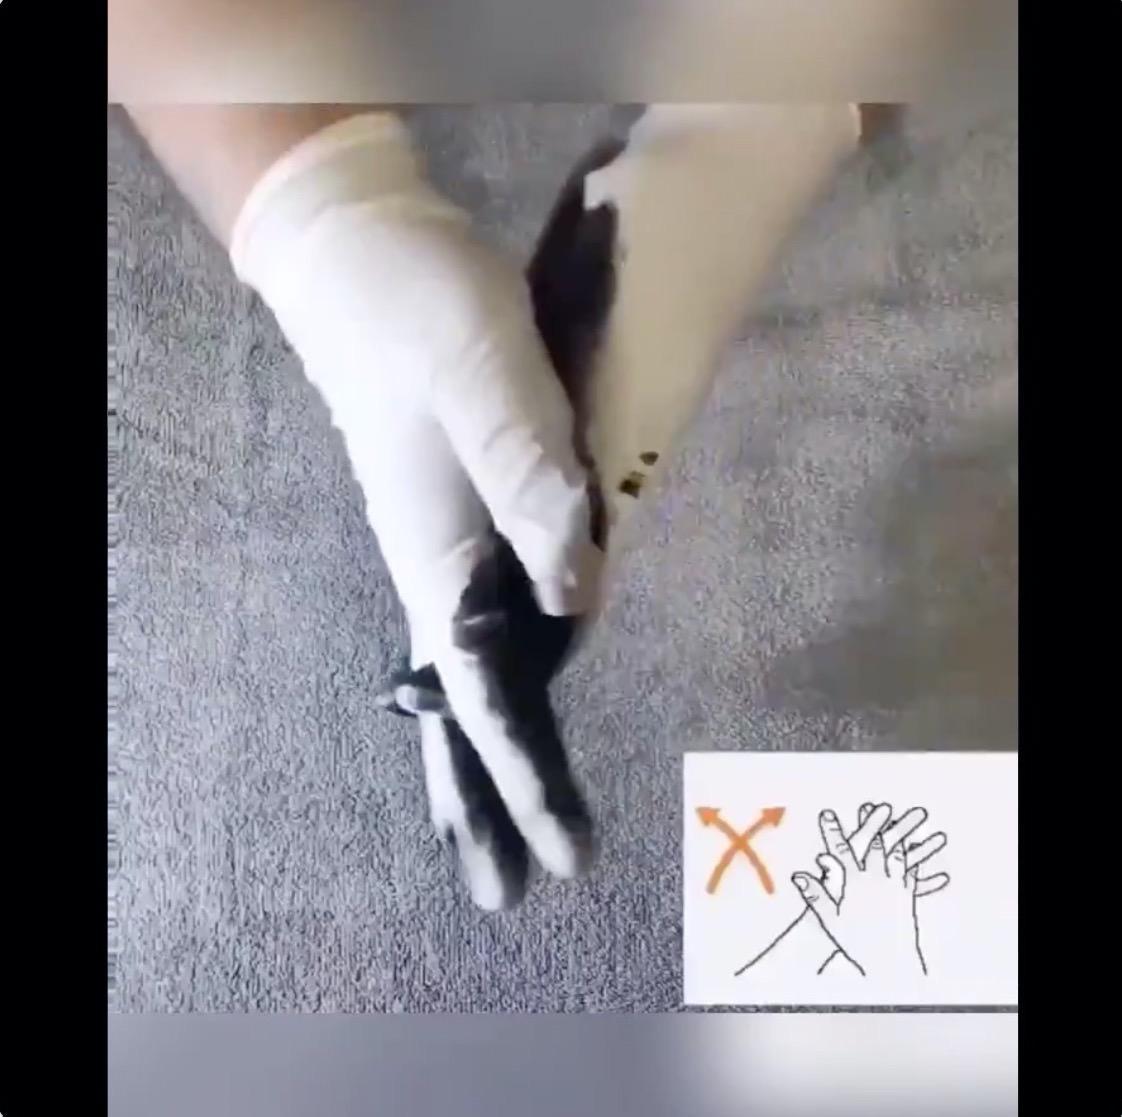 ここまでやる!手の洗い方がとても良く分かる動画